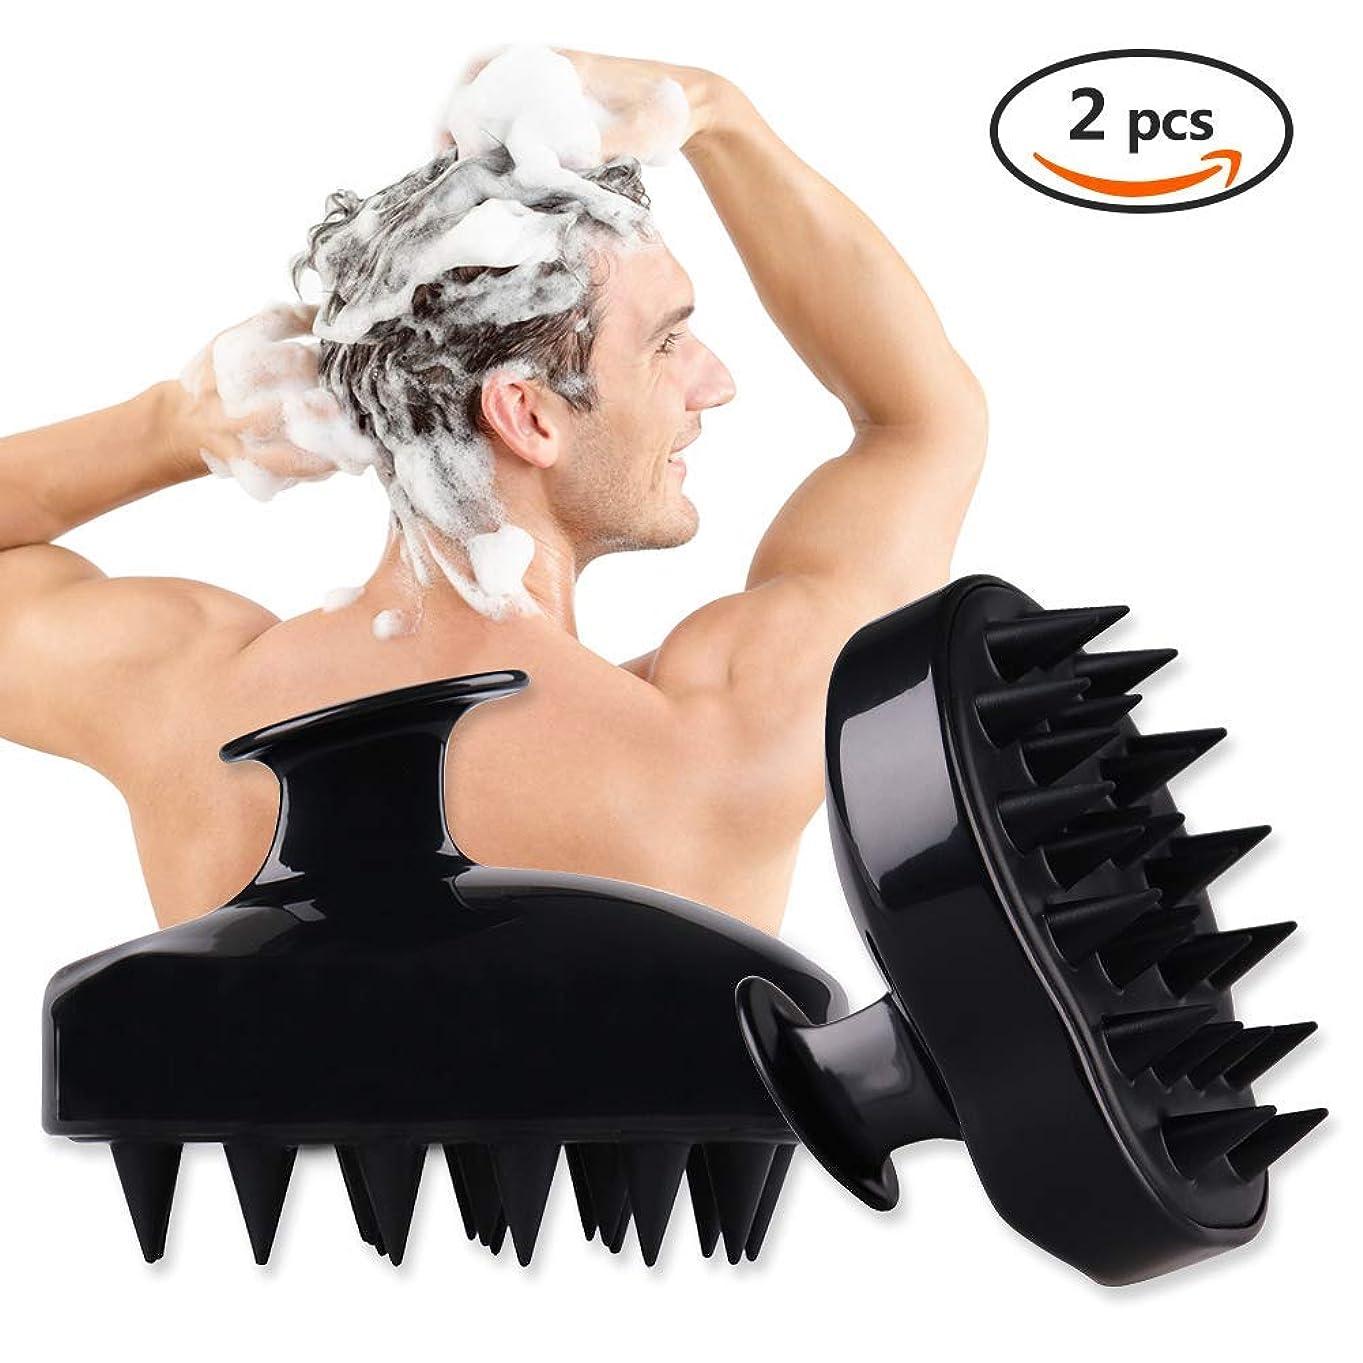 同種の調整可能重力シリコン シャンプーブラシ 頭皮マッサージ 美髪 洗髪櫛 頭皮洗浄 血行促進 疲れ解消 使い安い 便利 2個セット (黒x2)